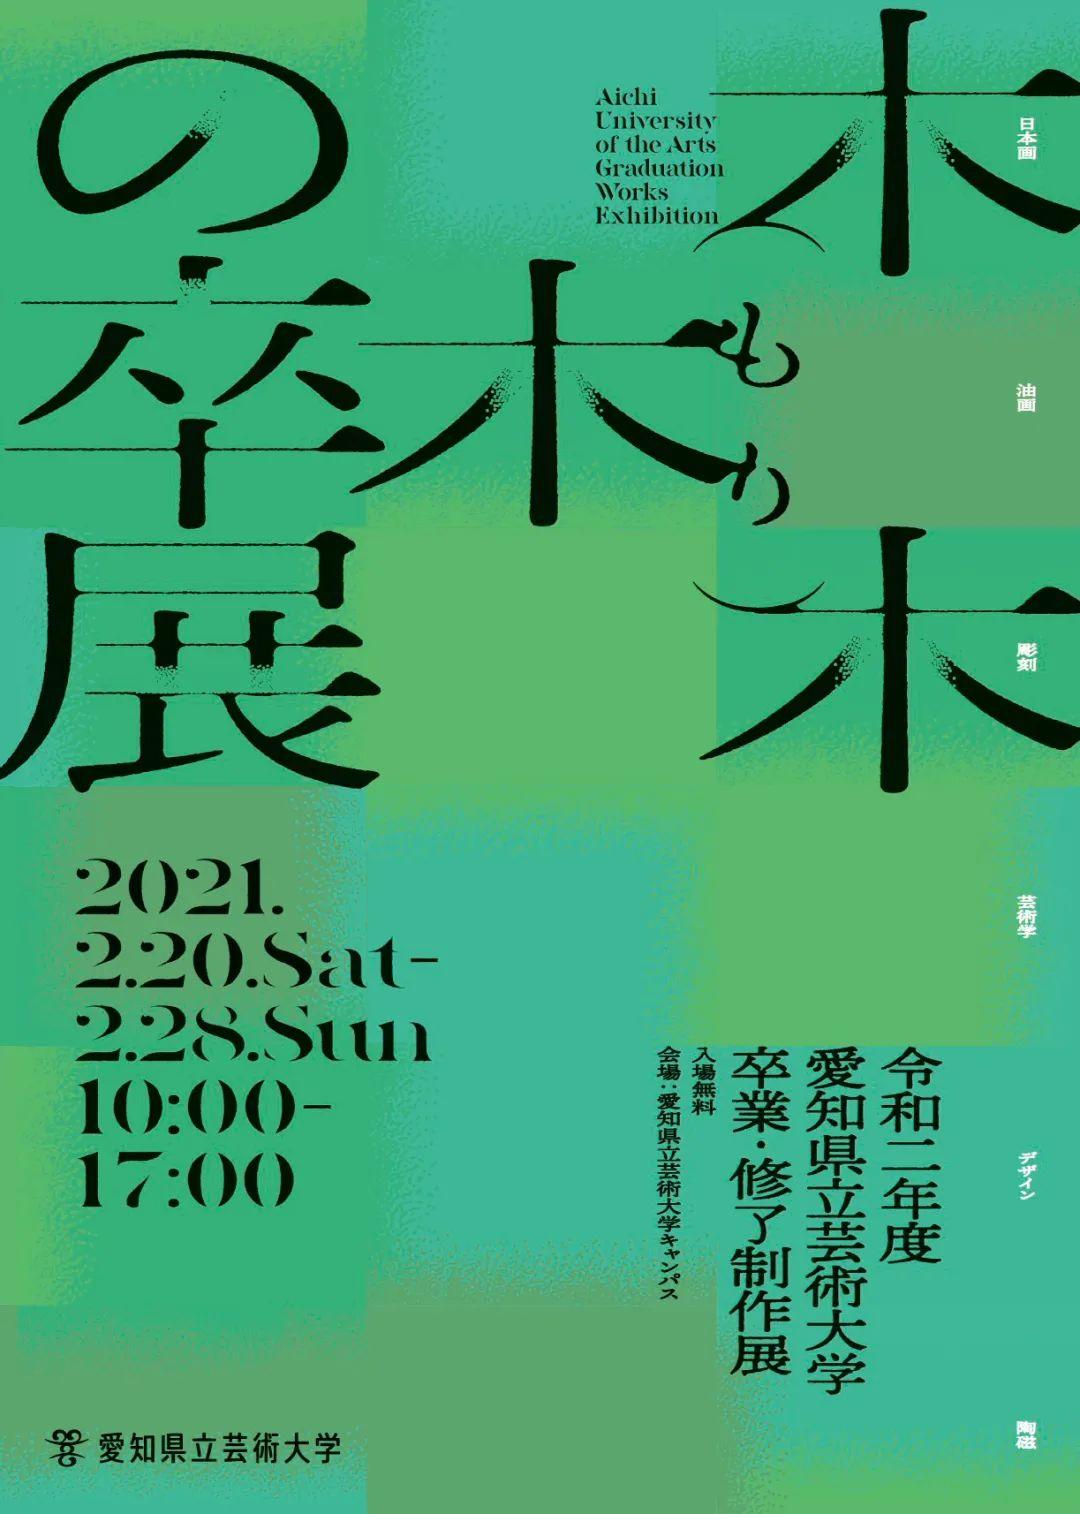 千代田资讯丨2021日本美术大学毕业展信息汇总